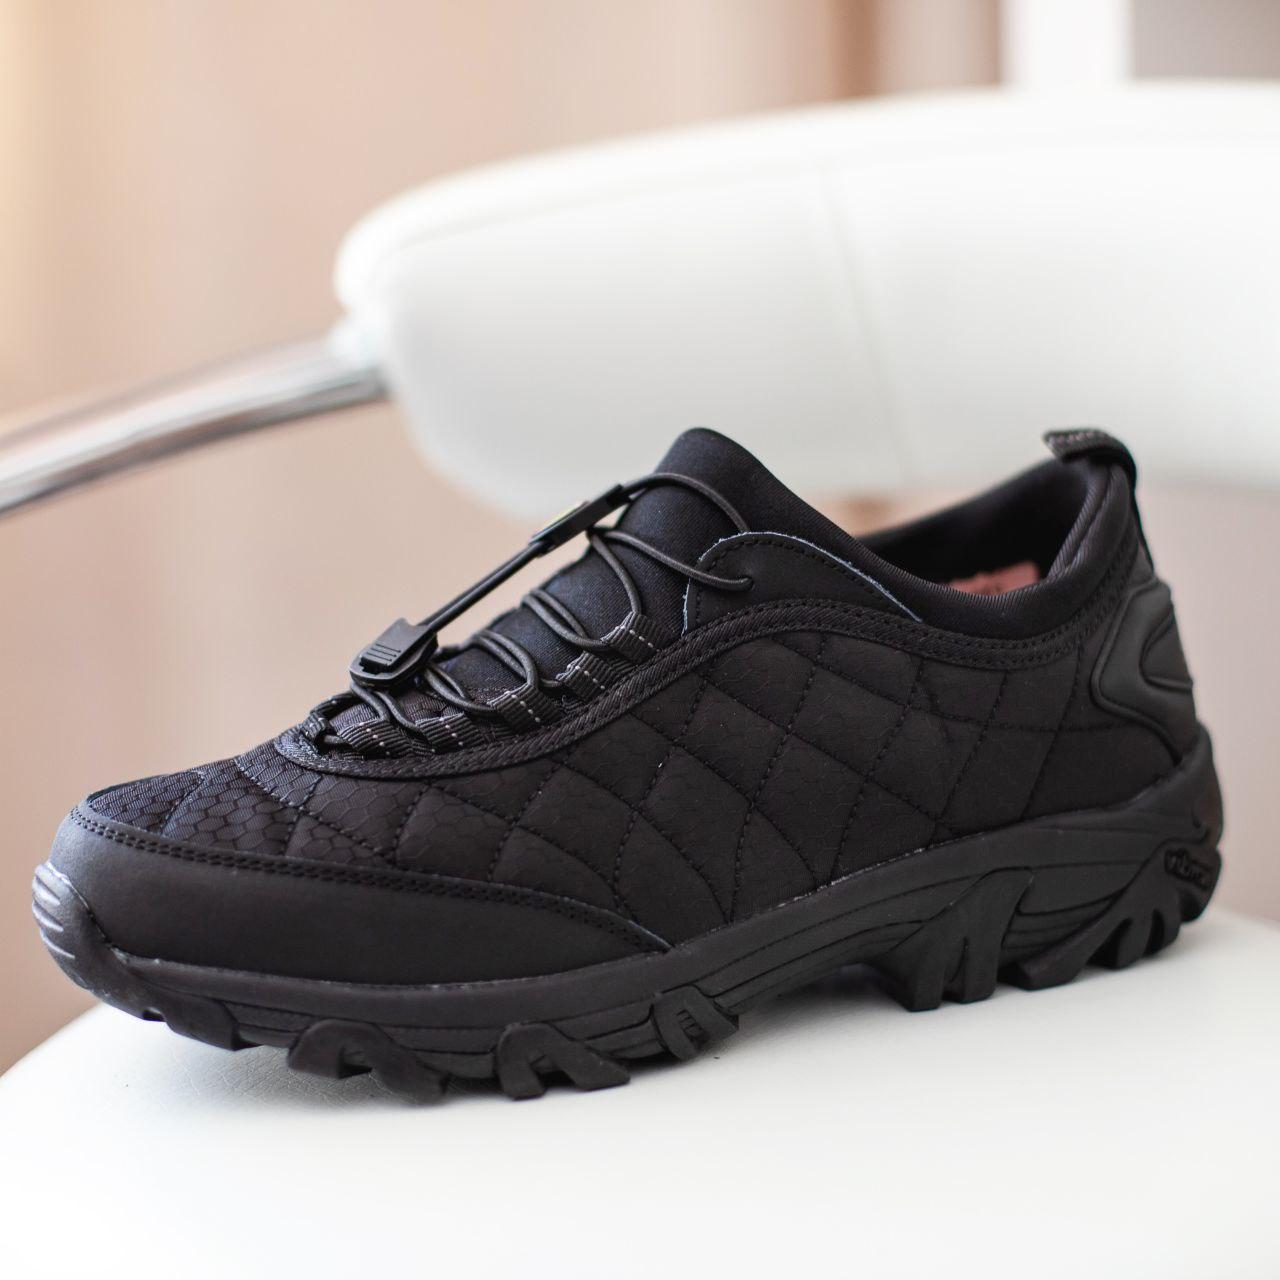 Мужские кроссовки Merrell Vibram Black / Мэррелл Вибрам Чернные Термо